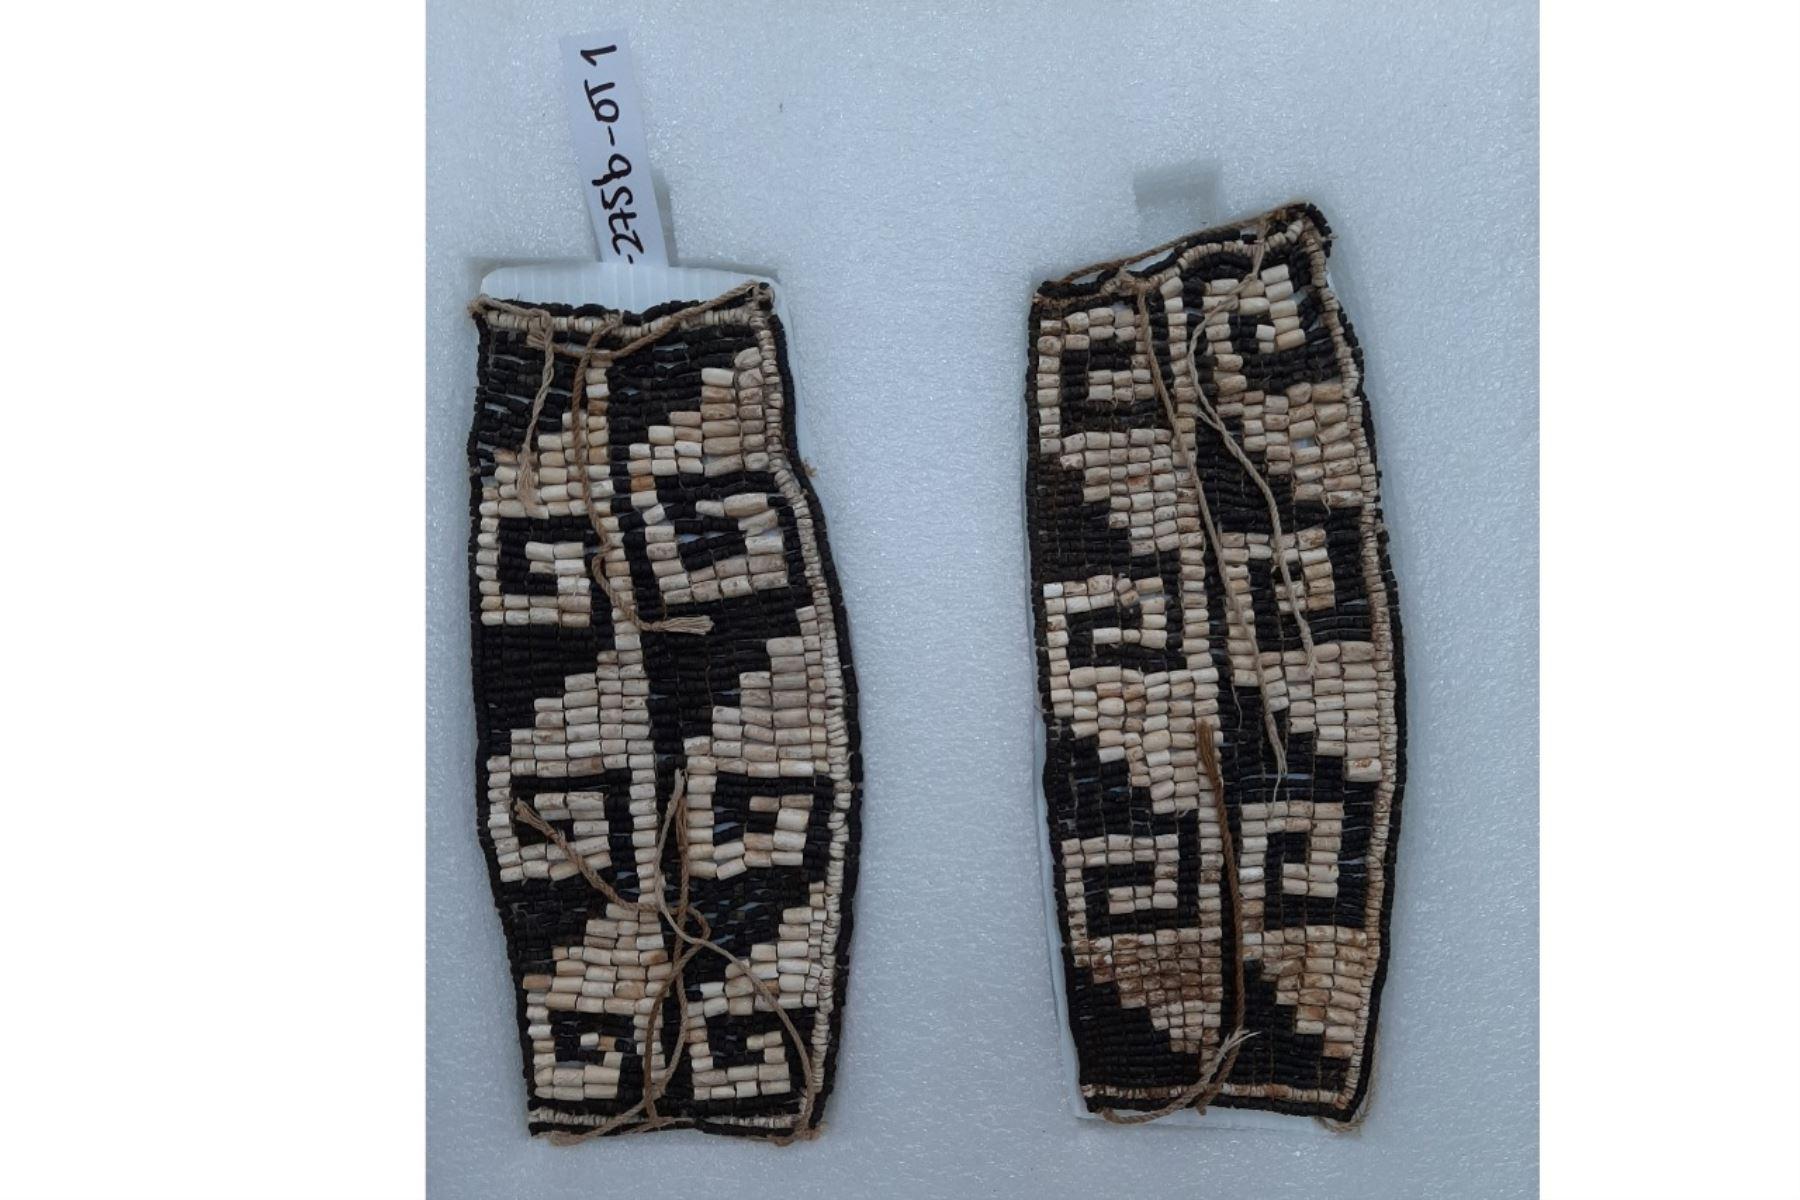 Los vestigios arqueológicos, encontrados durante las excavaciones realizadas en Huanchaco por el arqueólogo Gabriel Prieto Burméster y su equipo de investigadores, pertenecieron a diversos grupos humanos que se asentaron en esta parte de litoral peruano, como las cultura Moche, Salinar, Gallinazo, Virú y Chimú. Foto: Luis Puell